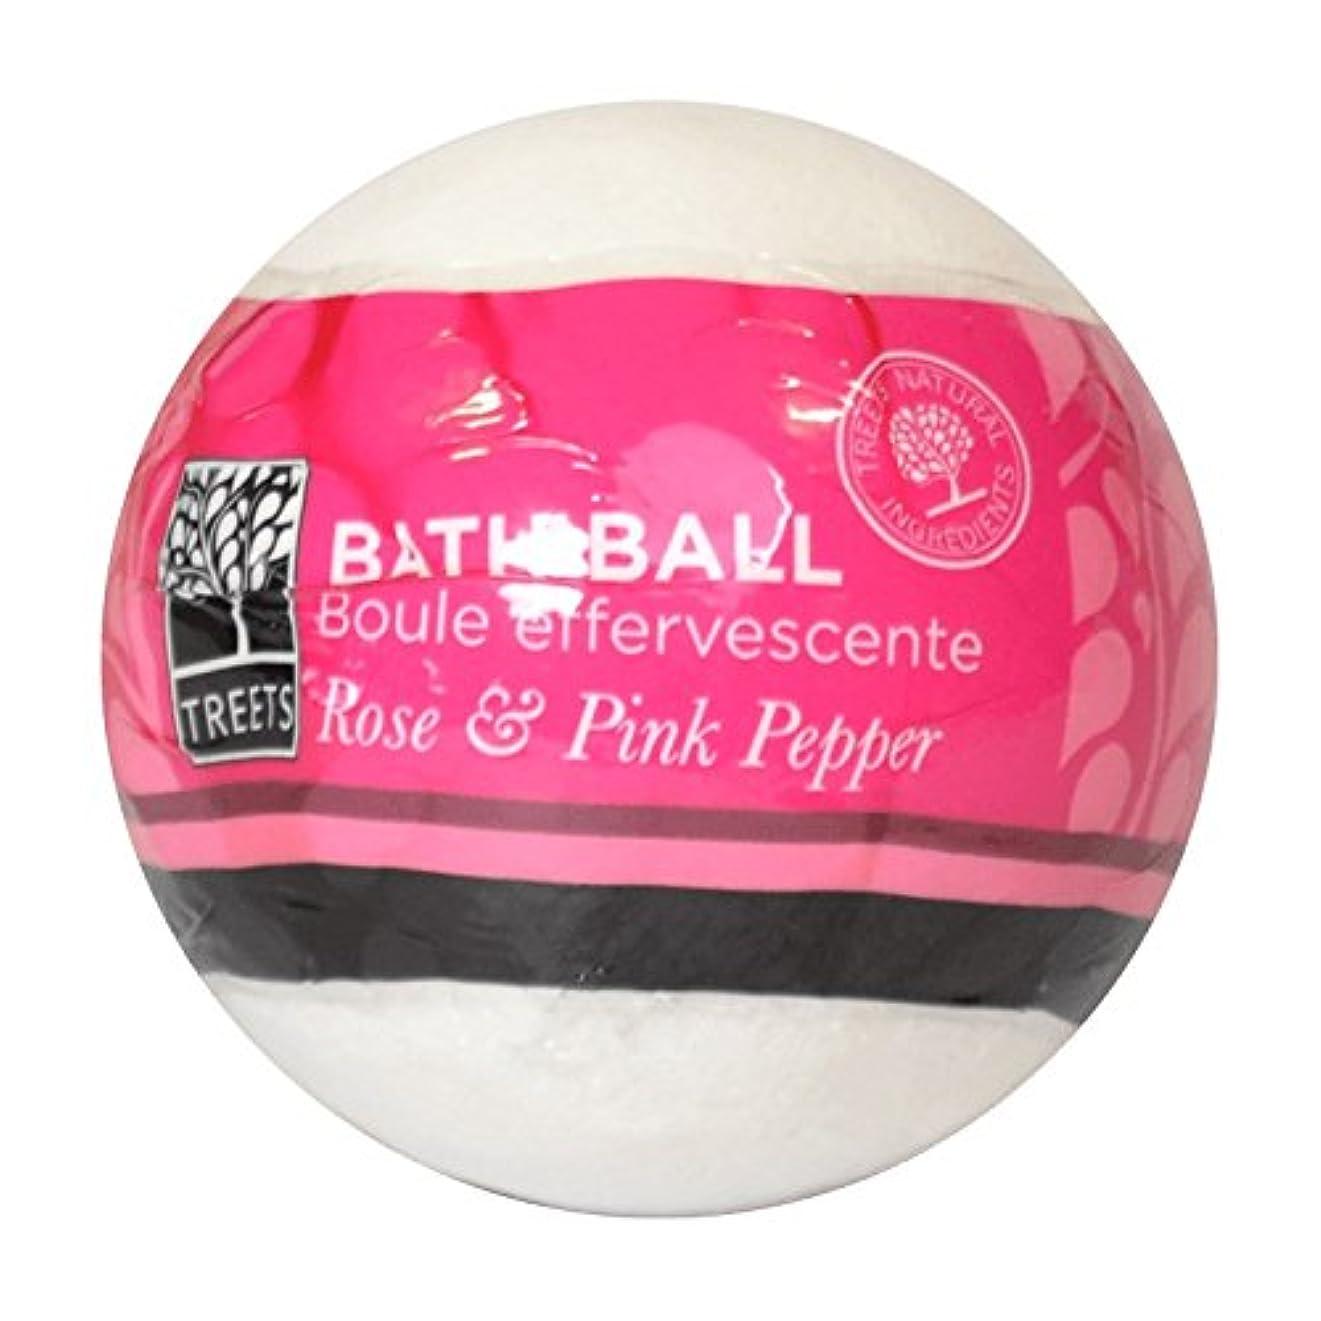 溶かすアピール農民Treets Rose & Pink Pepper Bath Ball 180g (Pack of 2) - Treetsローズ&ピンクペッパーバスボール180グラム (x2) [並行輸入品]